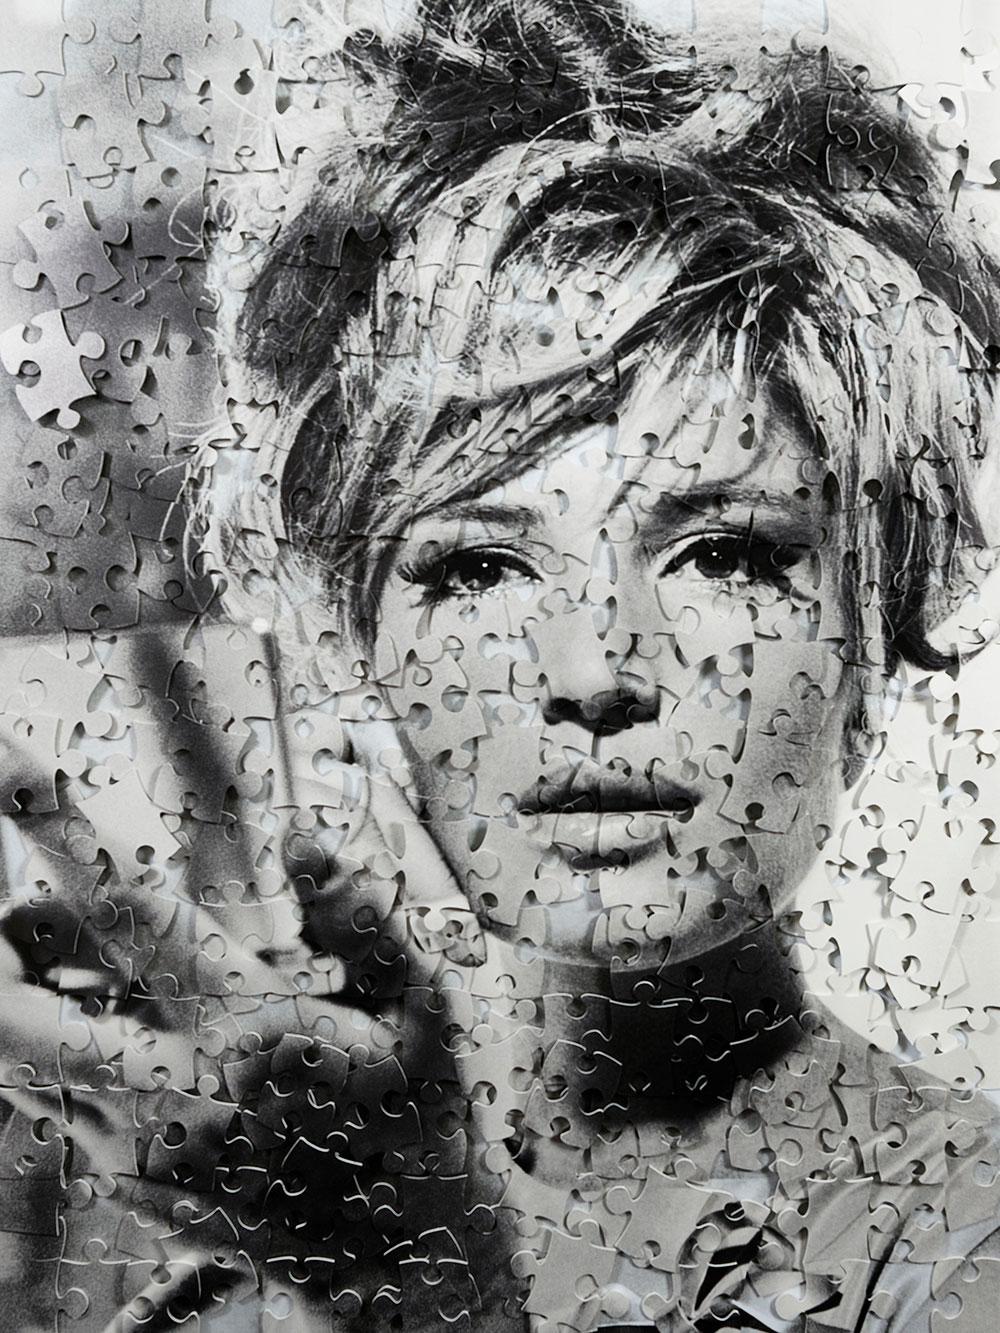 monica puzzle cecile plaisance french artist clementine de forton gallery